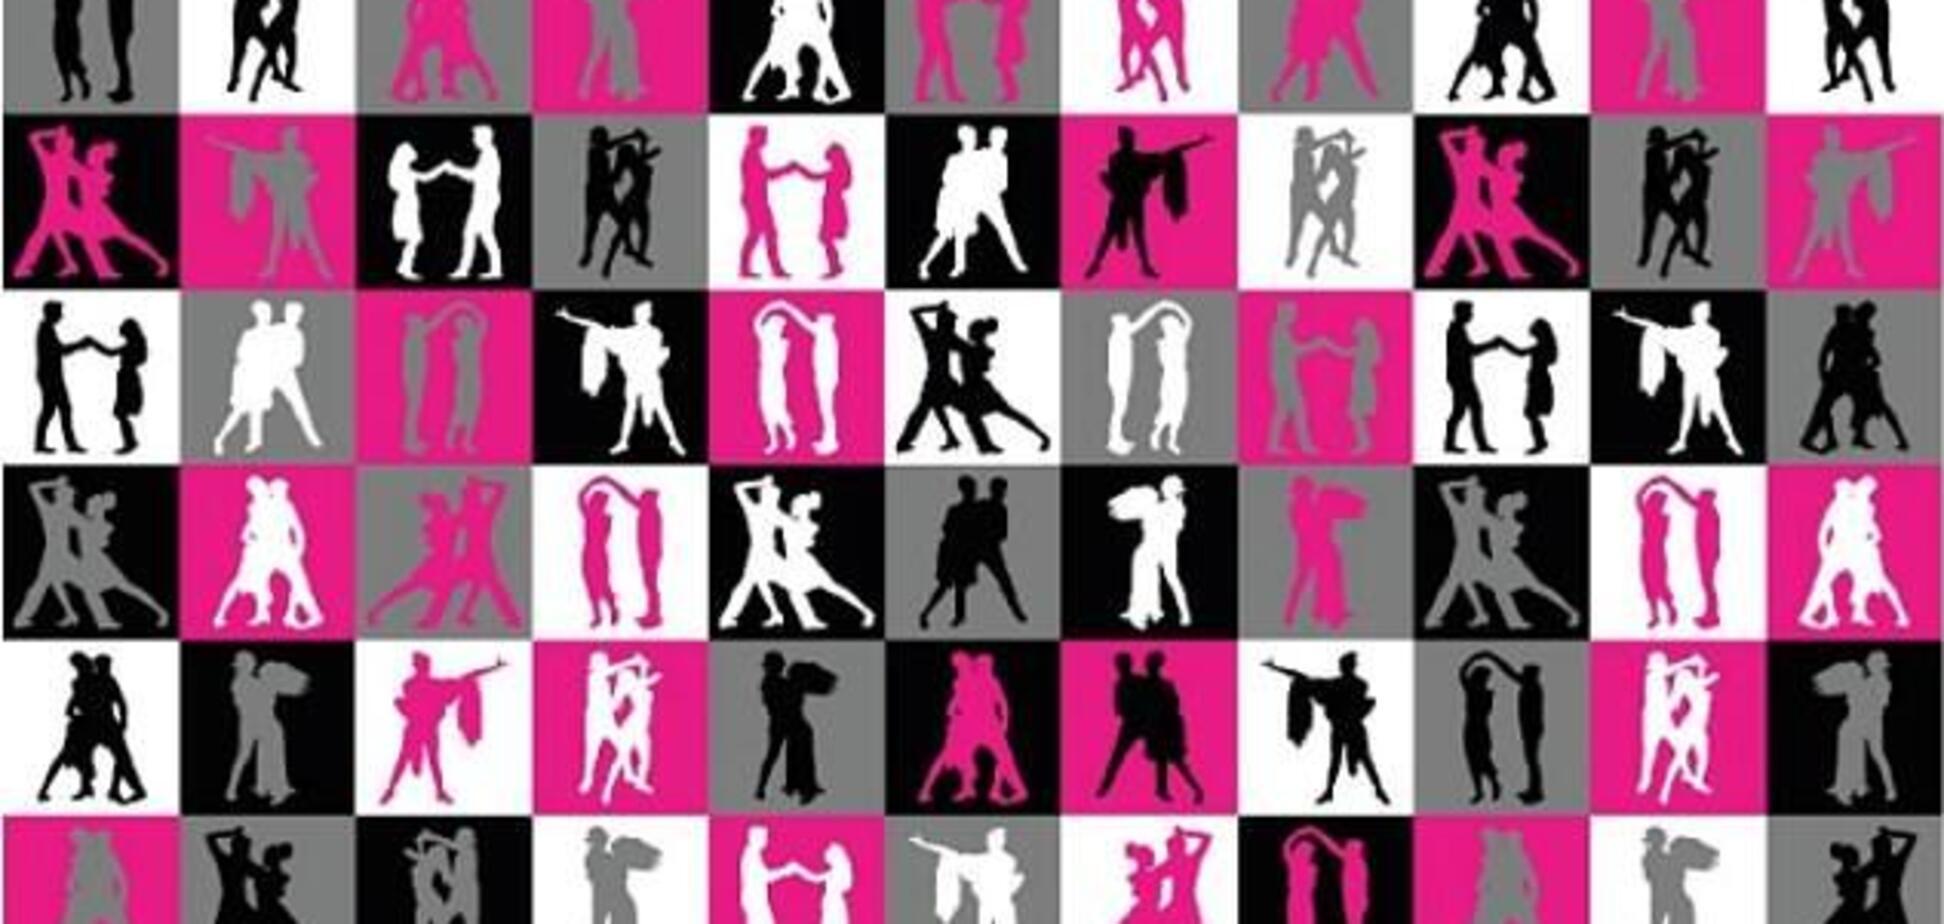 Танцы со звездами! Новая головоломка заинтриговала пользователей сети